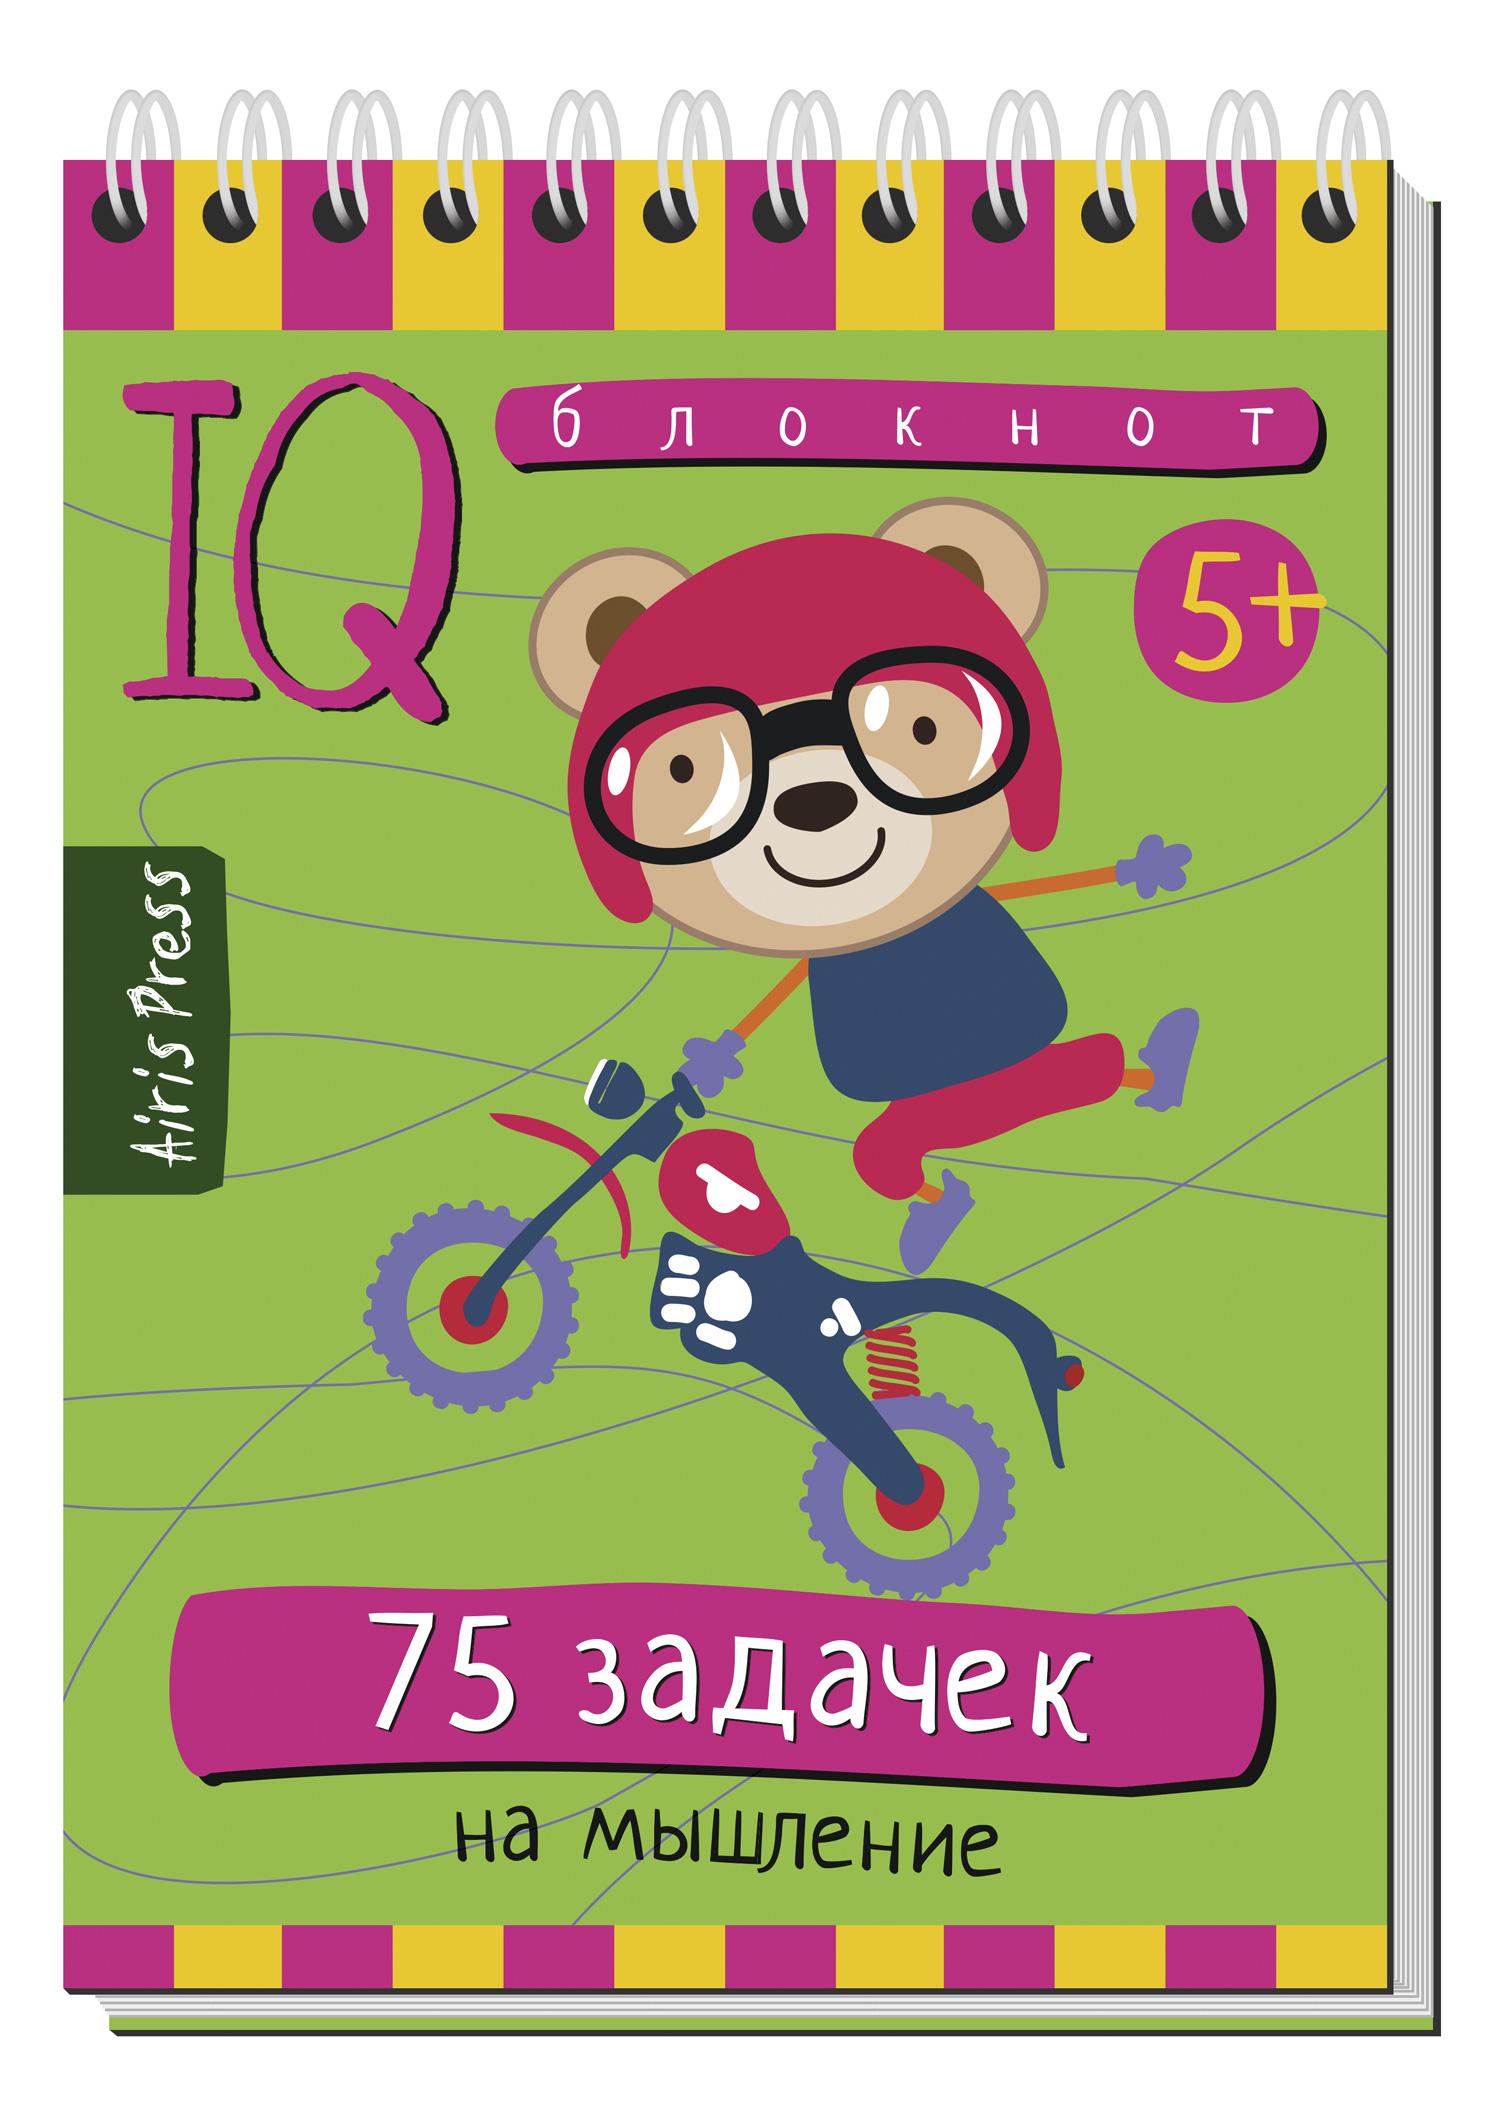 Купить АЙРИС-ПРЕСС Умный блокнот. 75 задачек на мышление [25457], Обучающие материалы и авторские методики для детей